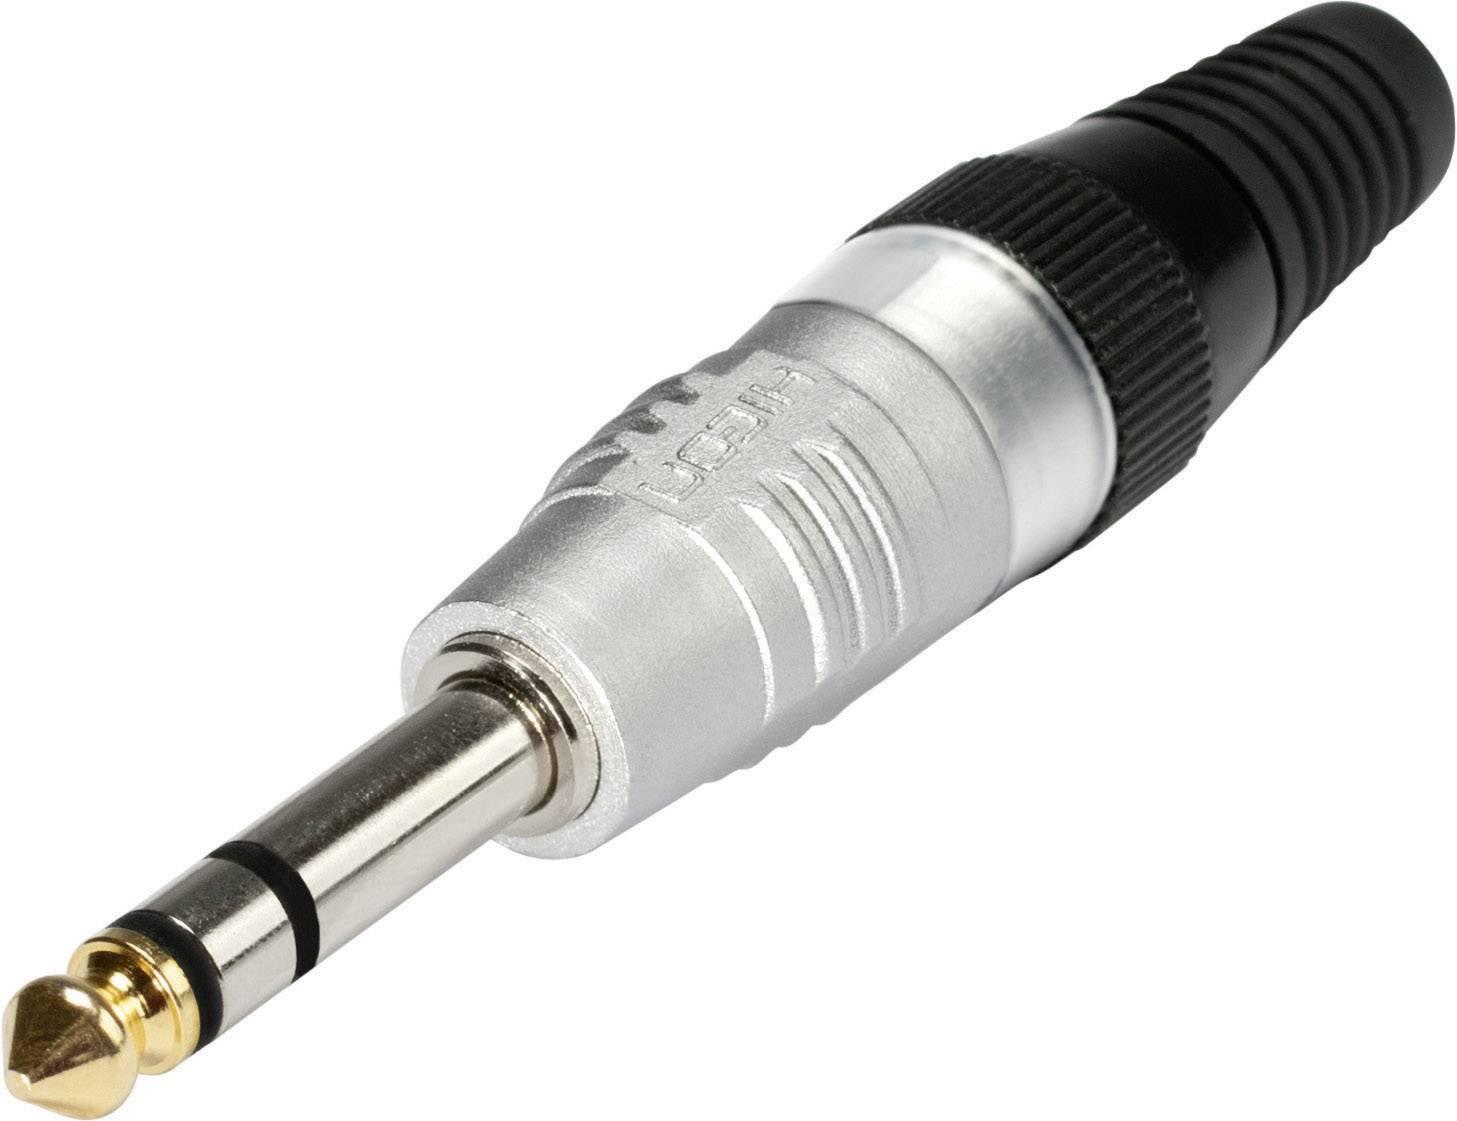 Jack konektor 6.35 mm stereo zástrčka, rovná Hicon HI-J63S, pinov 3, strieborná, 1 ks